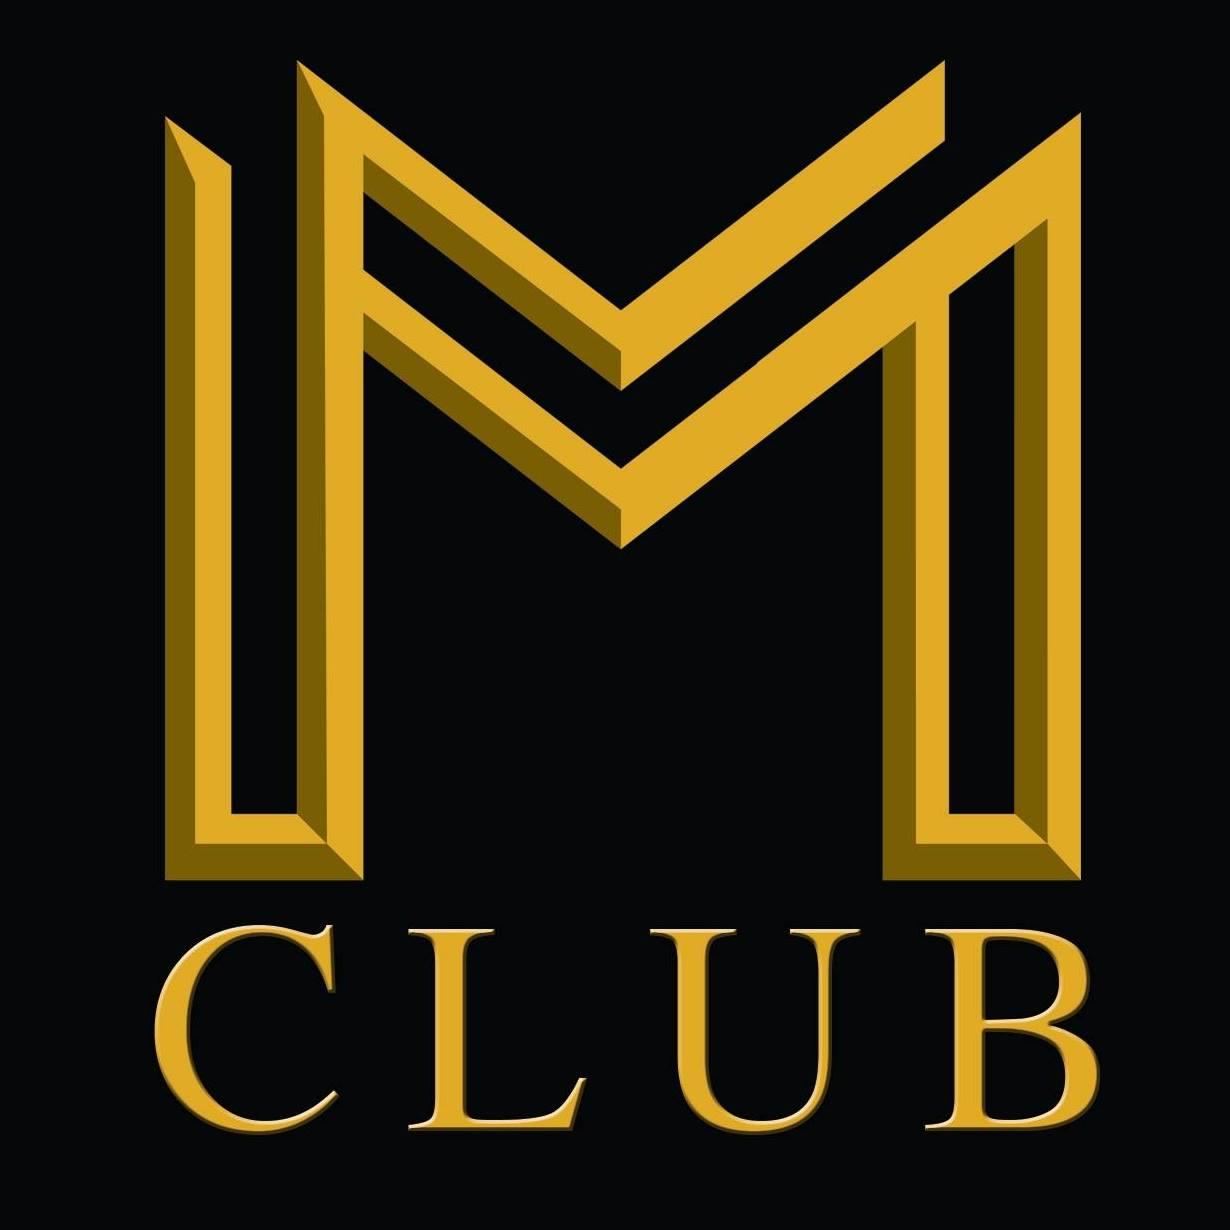 遠いけどメンバーの敷居は低い?Mクラブ(旧モンテカルロ)のシステムや特徴とは?